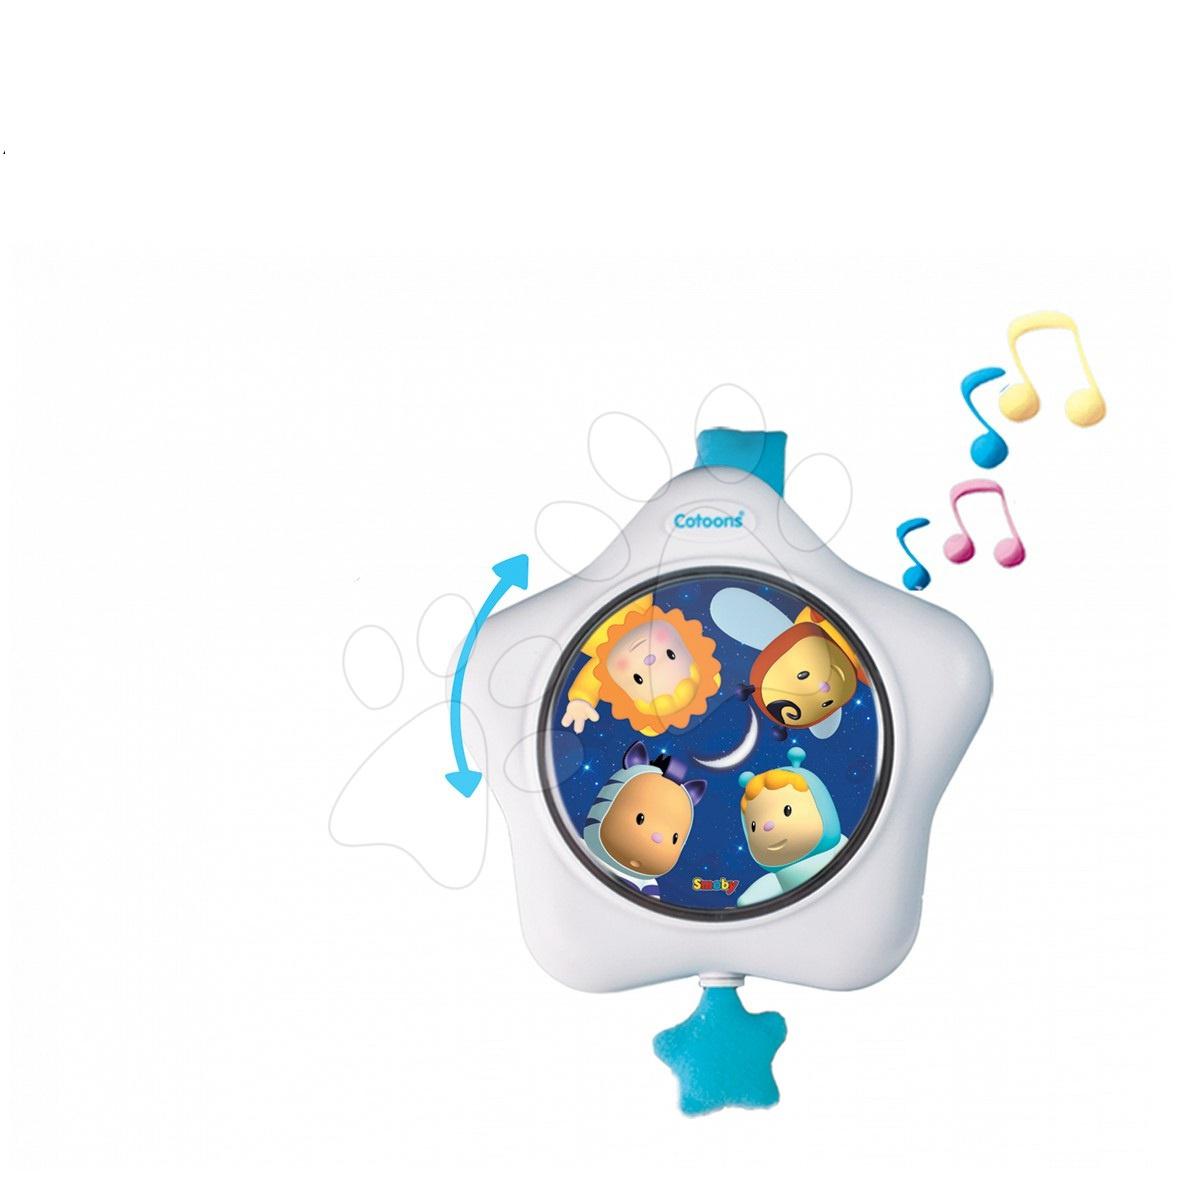 Zpívající hvězda Cotoons nad postýlku Smoby bílo-modrá pro kojence